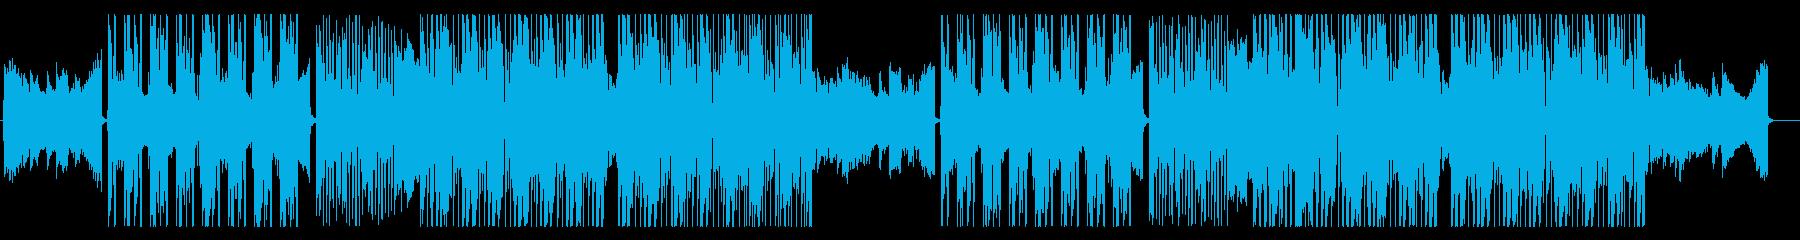 メッセージ性の高い映像をイメージ、R&Bの再生済みの波形